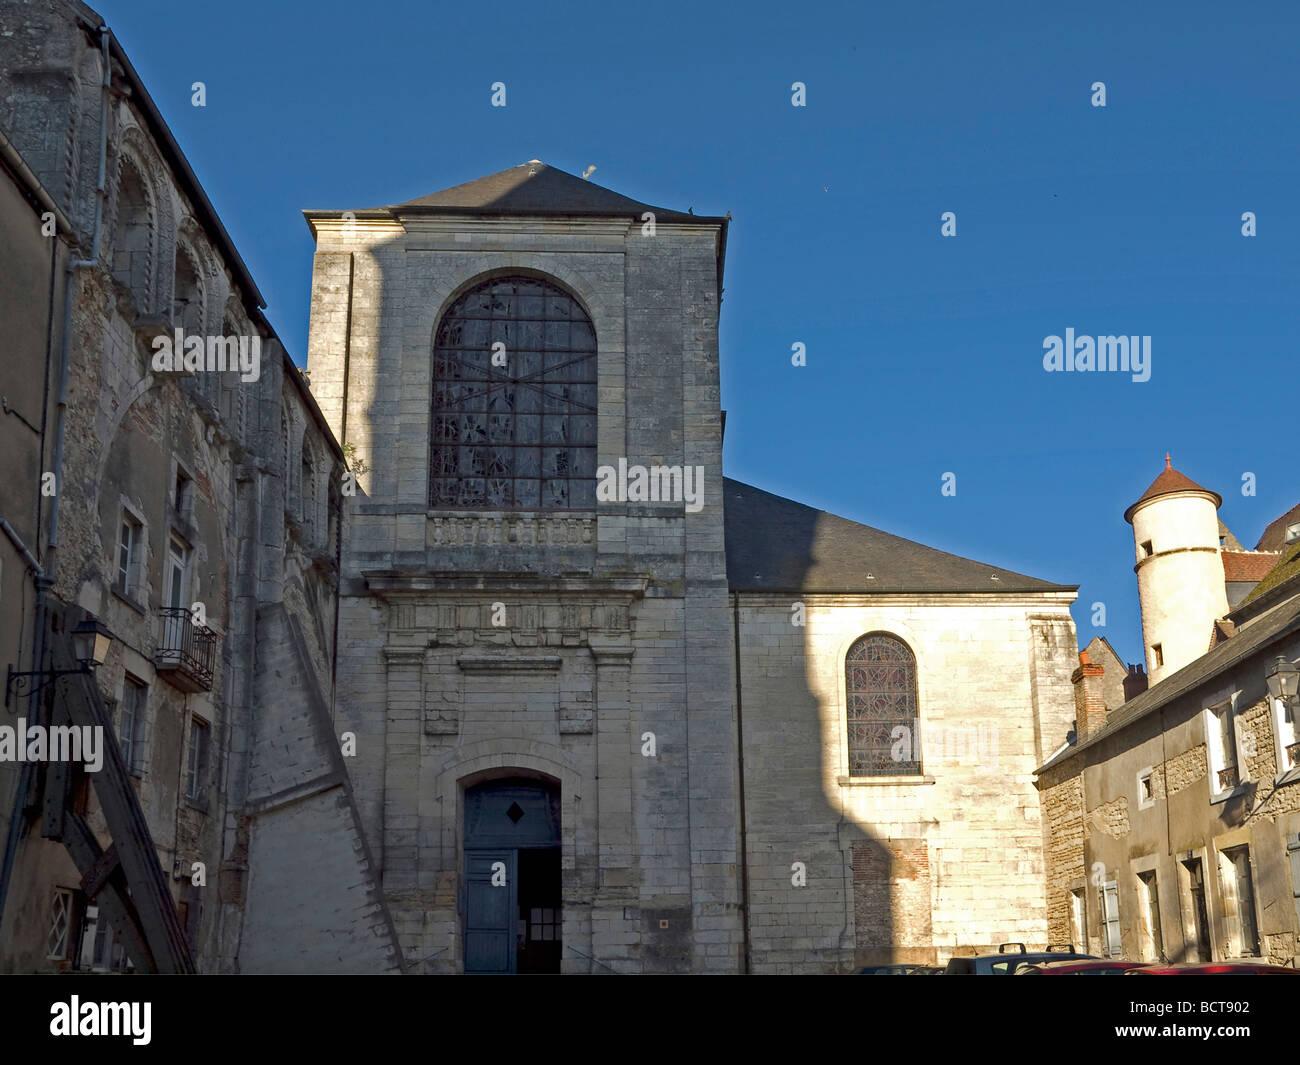 Kirche barocke Westfassade in La Charite sur Loire church with baroque westfacade in La Charite sur Loire - Stock Image